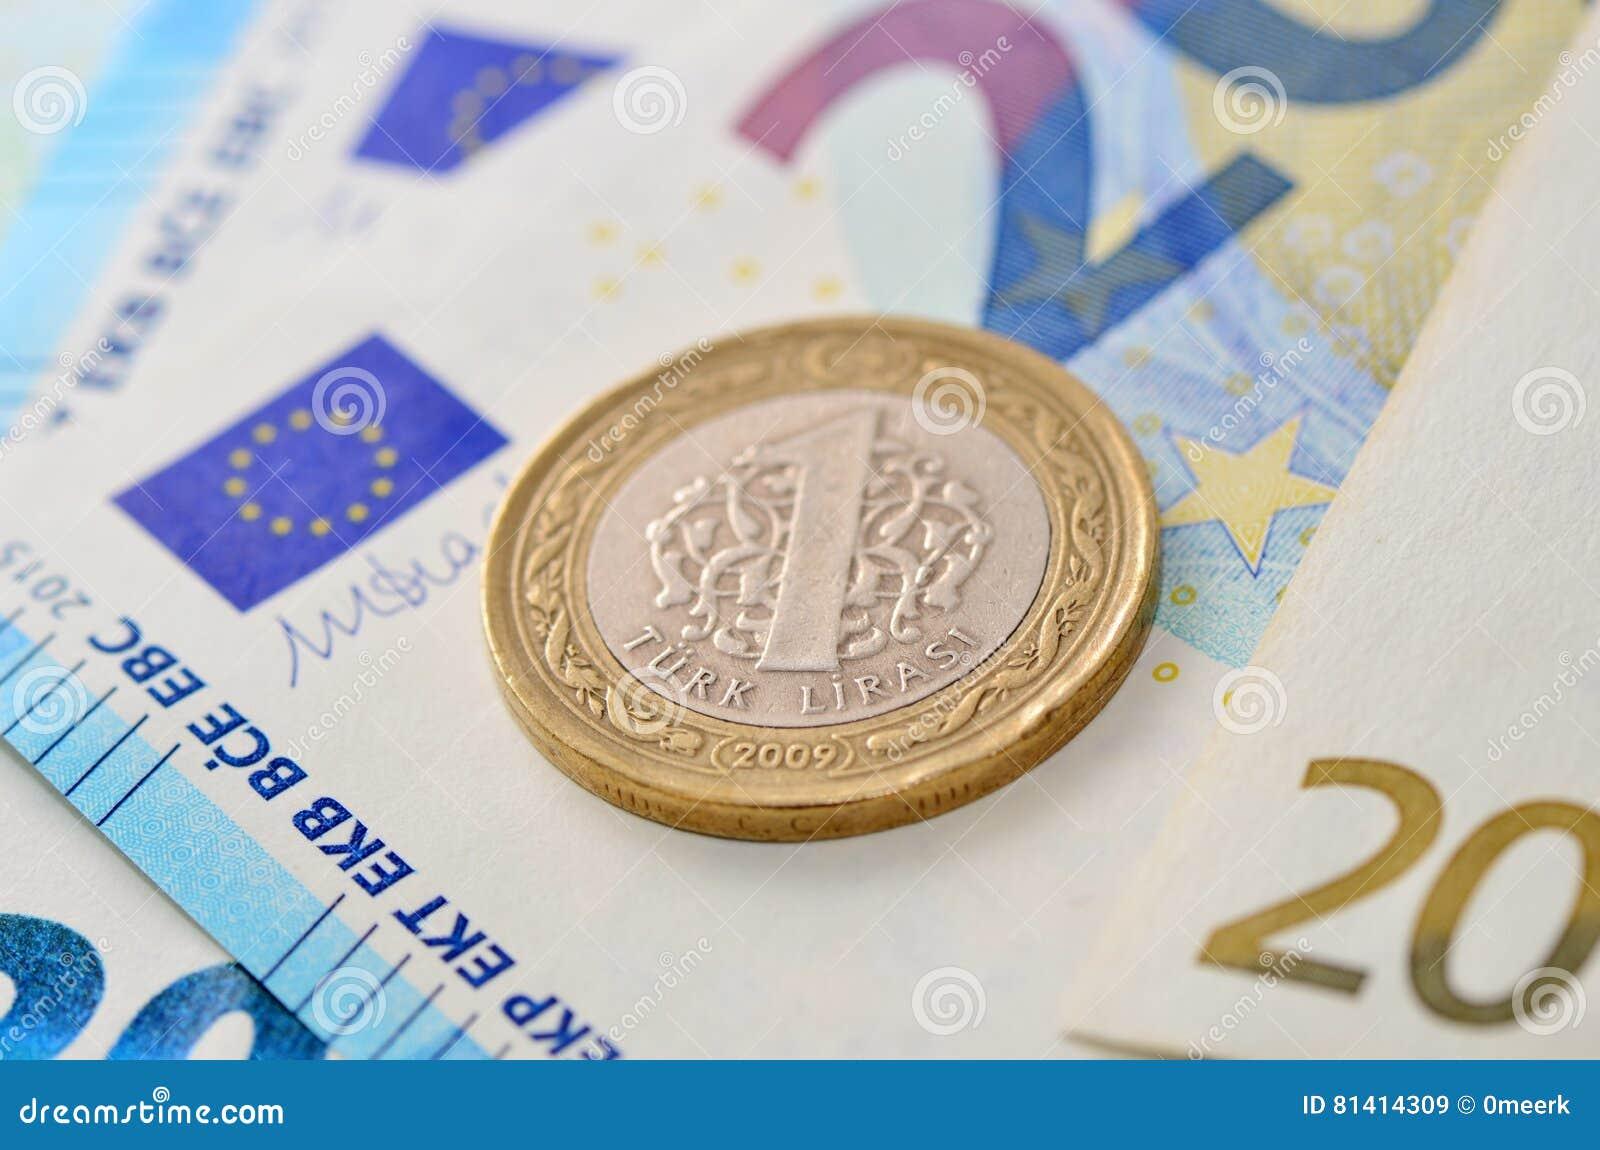 forex valiutos keitiklis lira